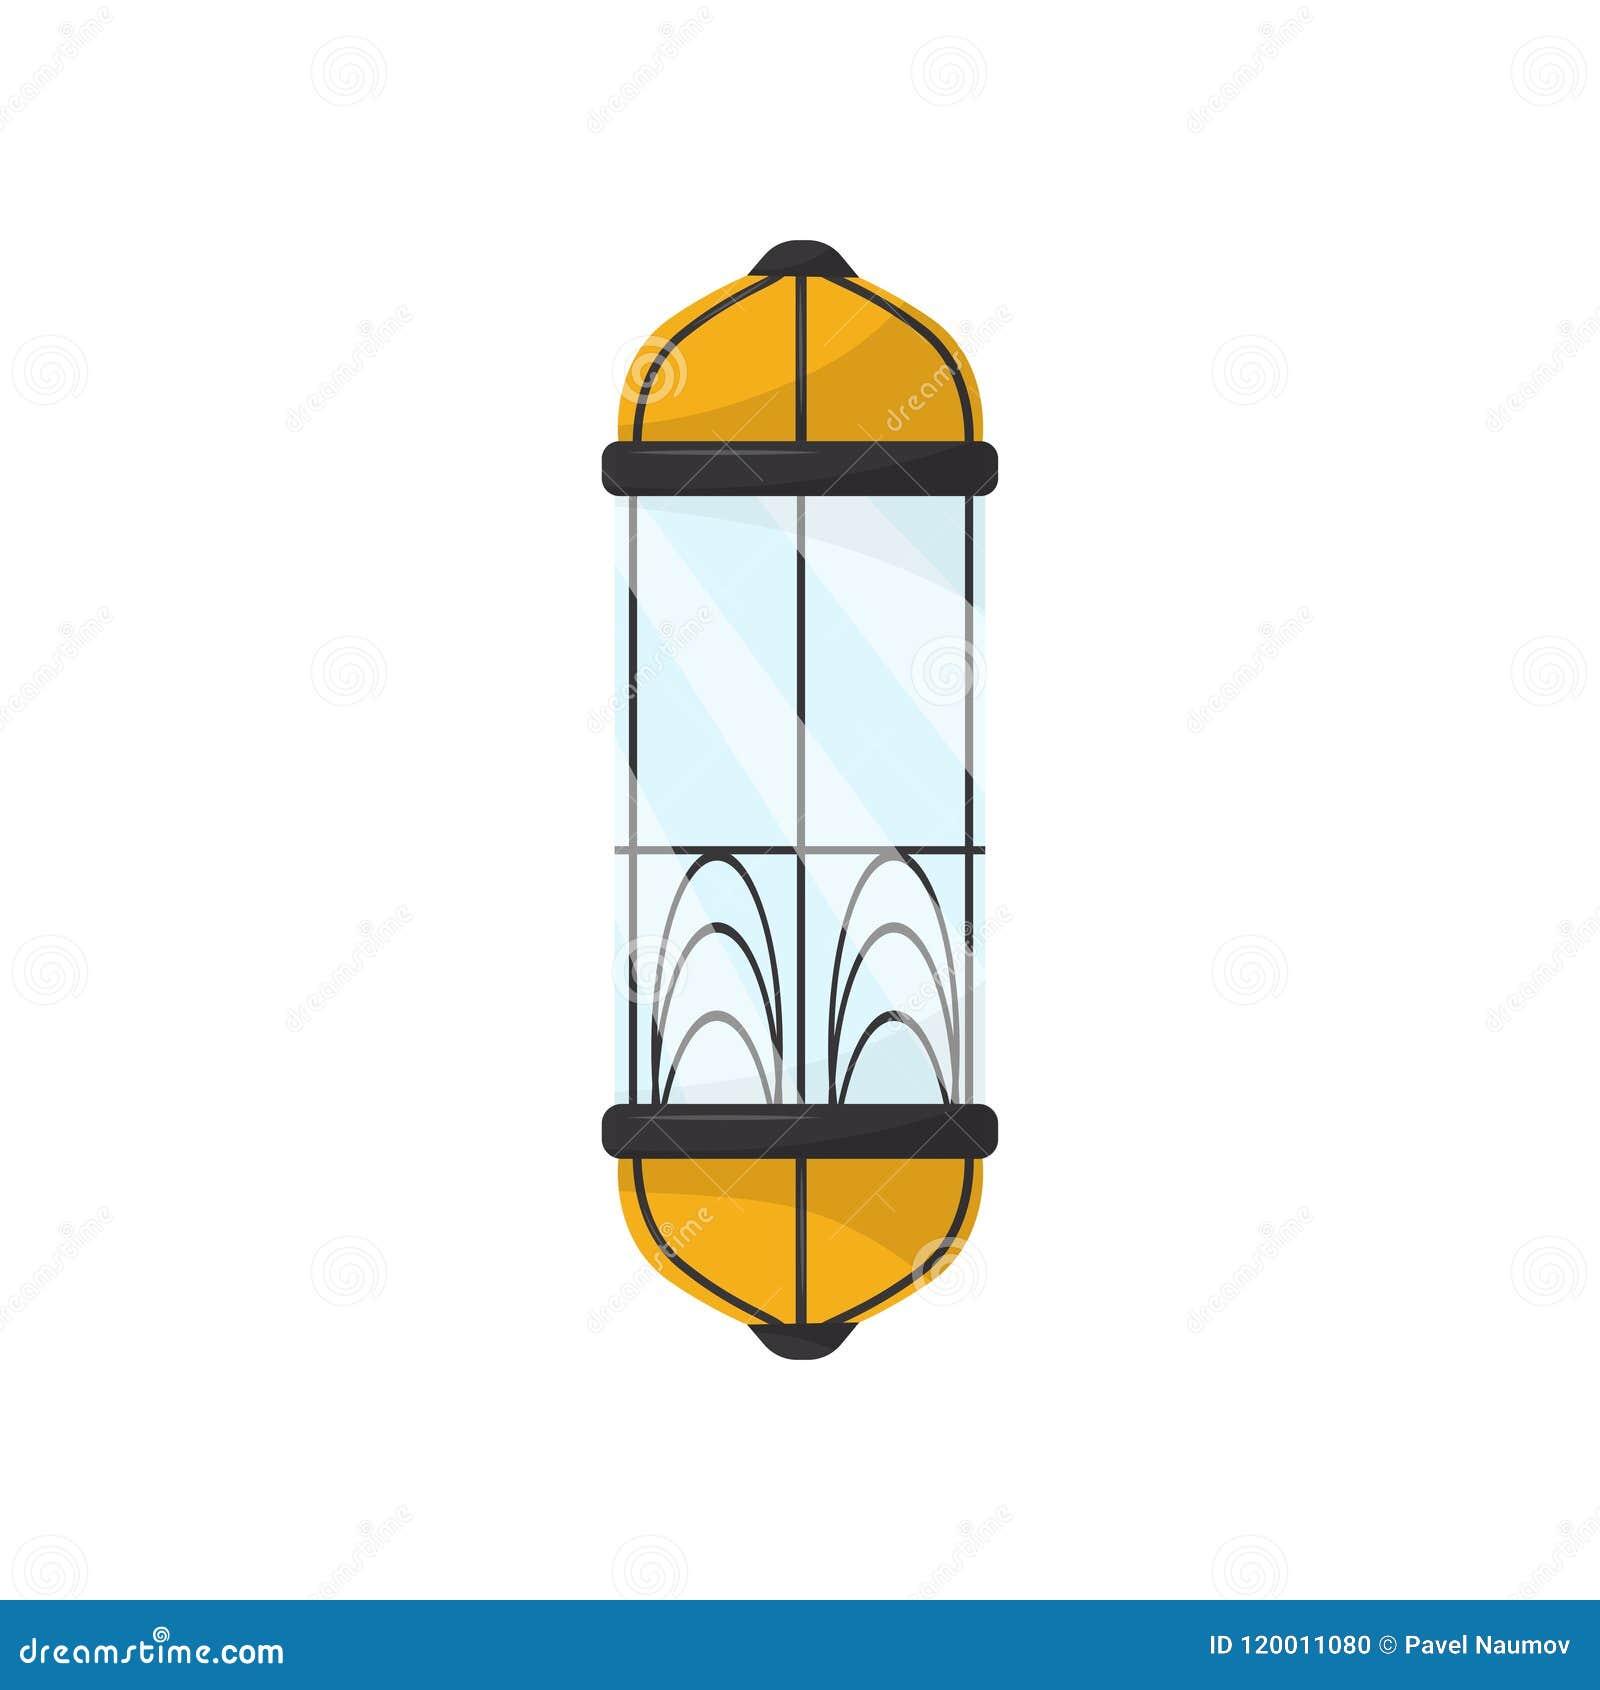 Glass Elevator Stock Illustrations – 595 Glass Elevator ...